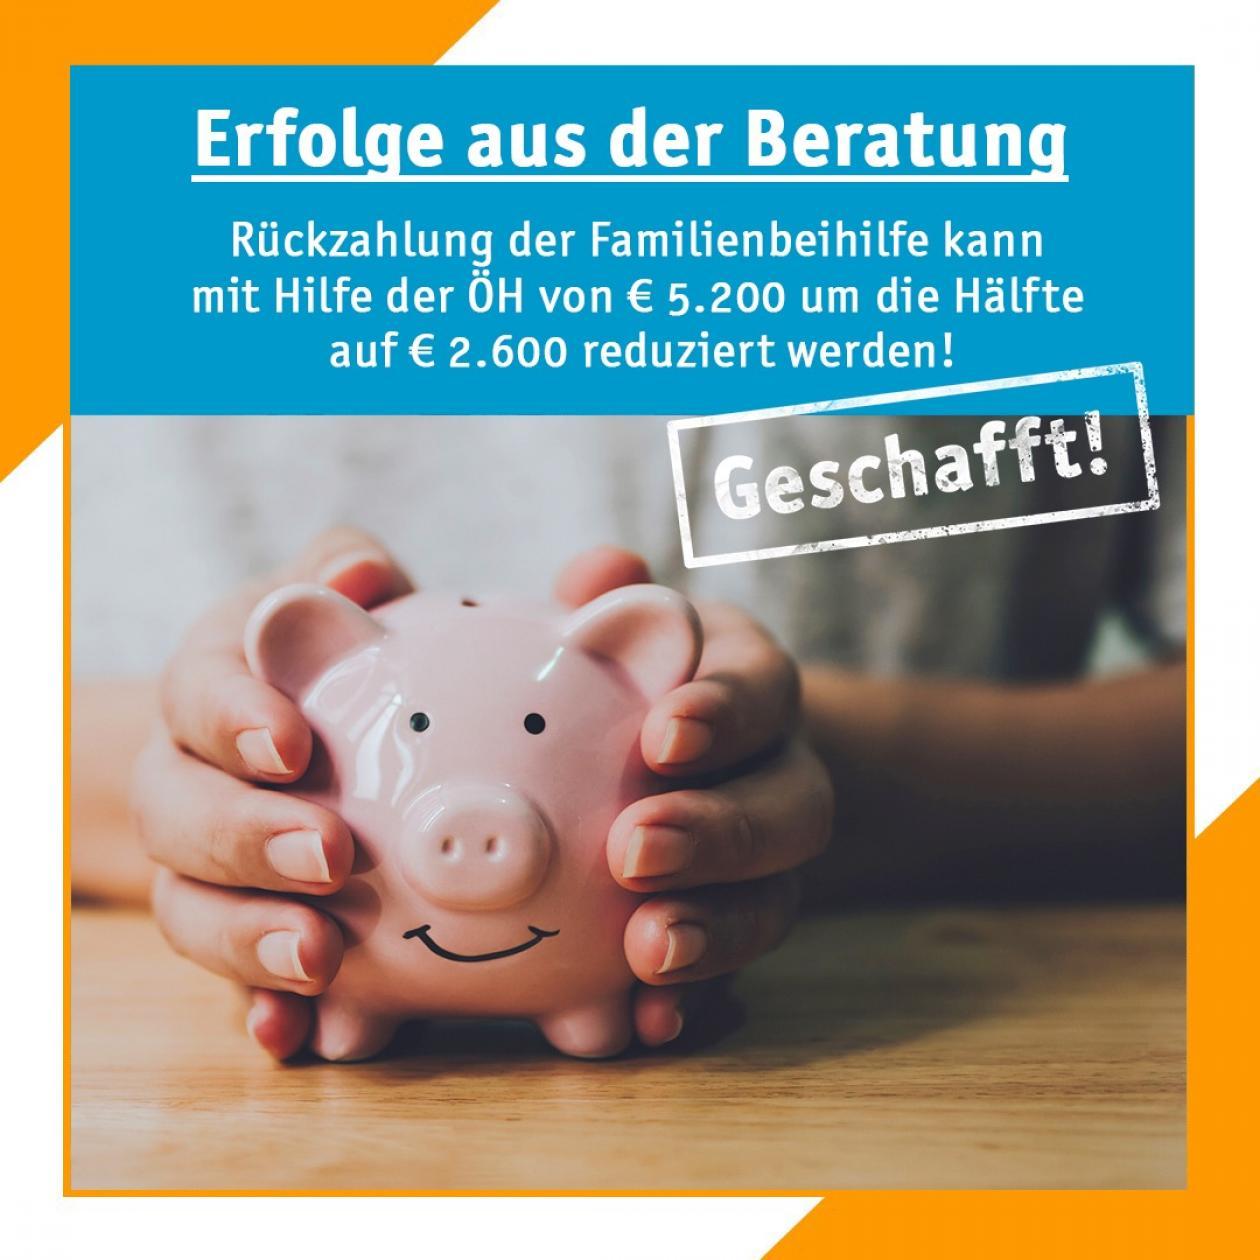 Geschafft! Rückzahlung der Familienbeihilfe kann mit Hilfe der ÖH von € 5.200 um die Hälfte auf € 2.600 reduziert werden!